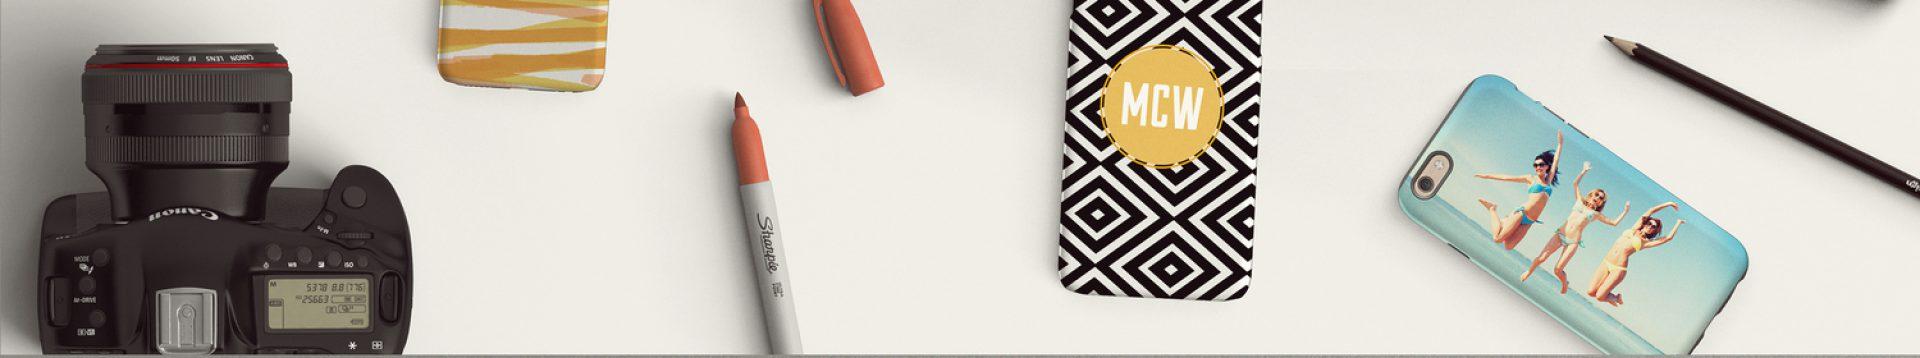 képestok.hu – Tervezd meg egyedi fényképes mobil tokodat